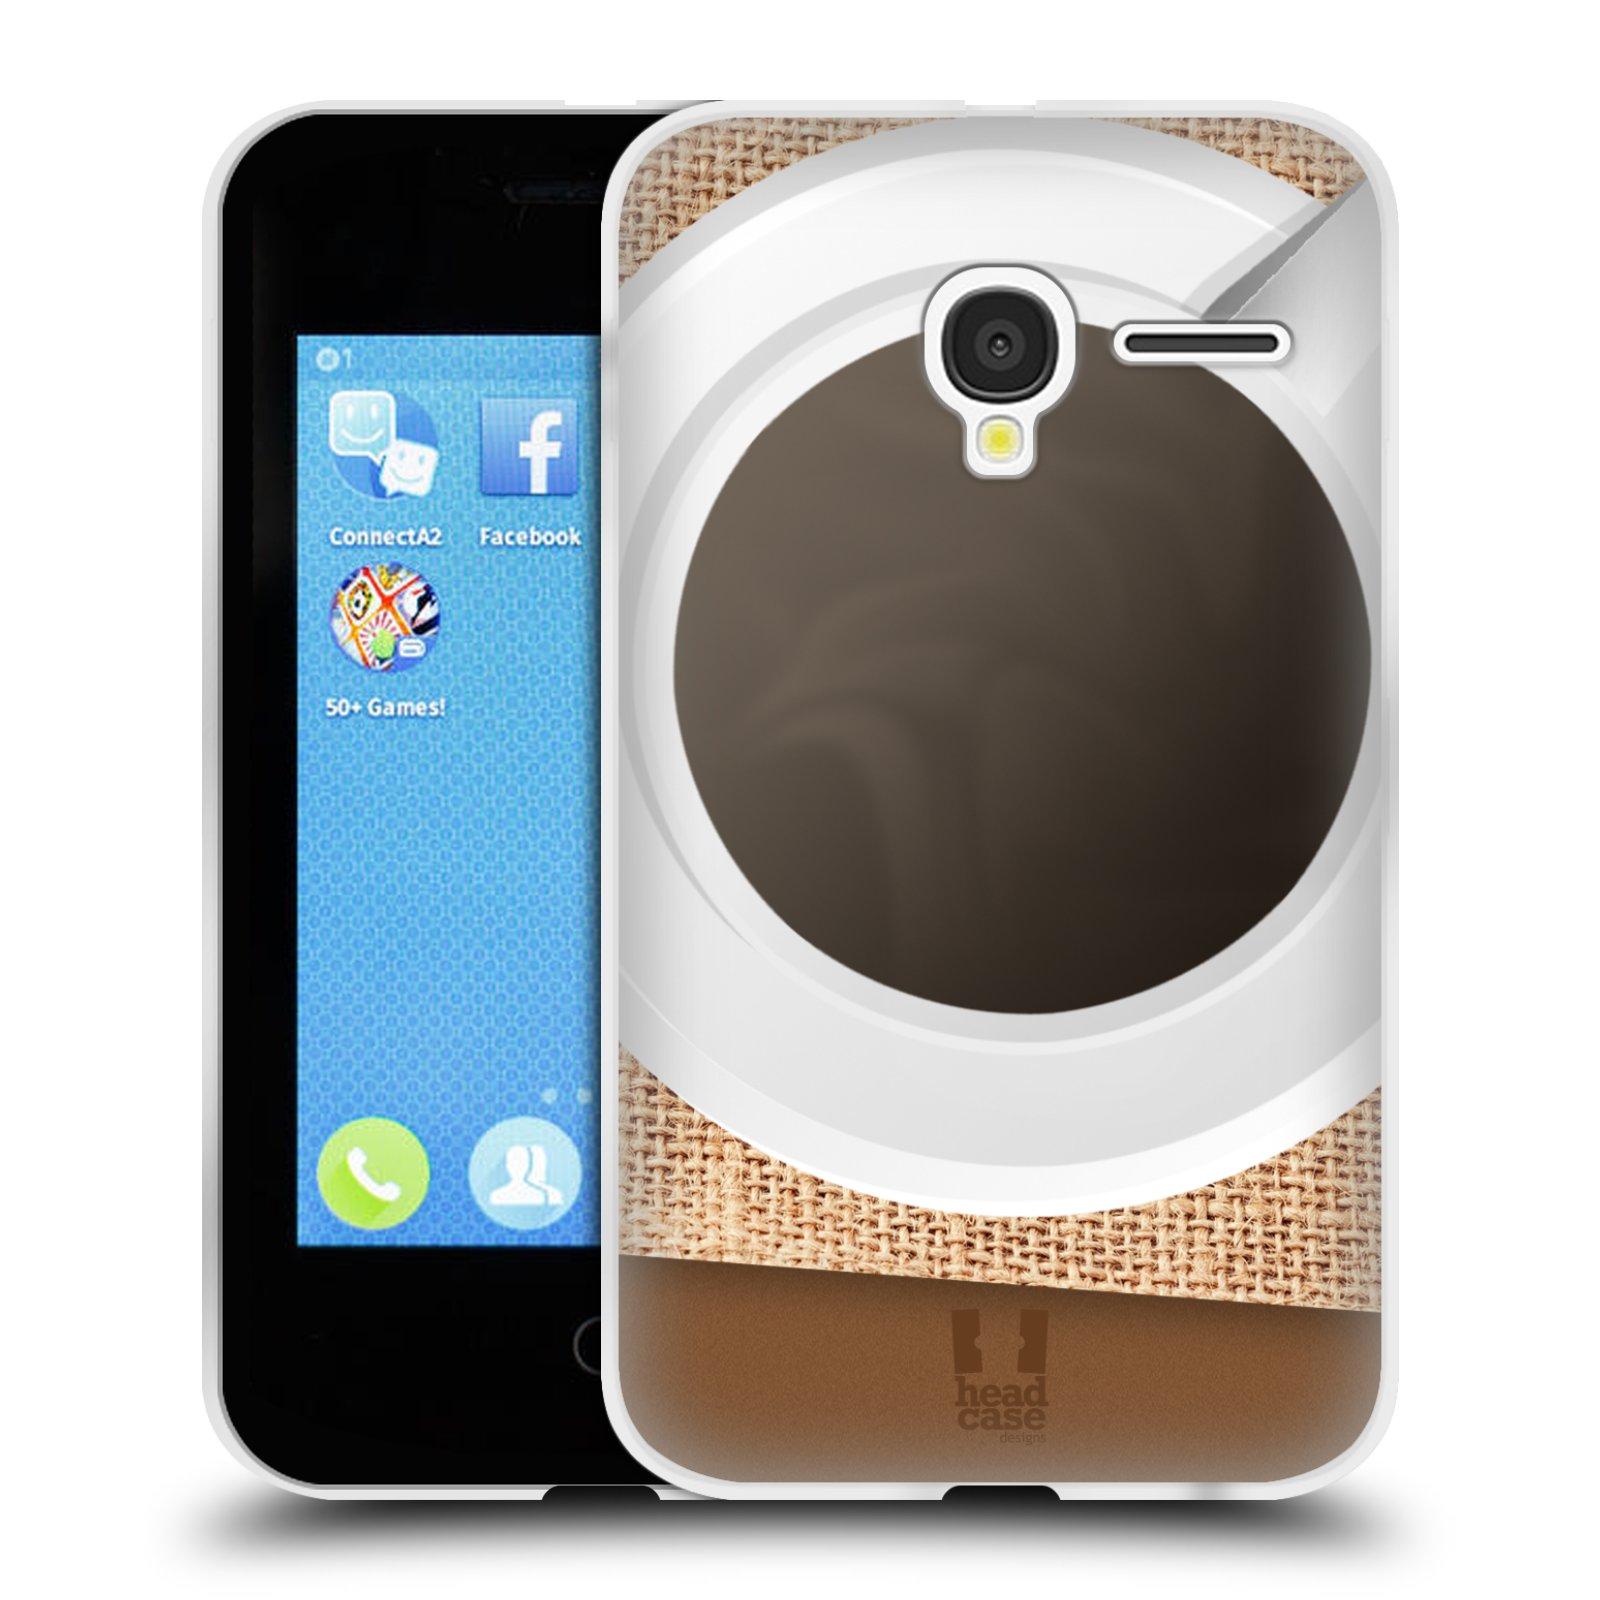 HEAD CASE silikonový obal na mobil Alcatel PIXI 3 OT-4022D (3,5 palcový displej) vzor maskování kafe na stole